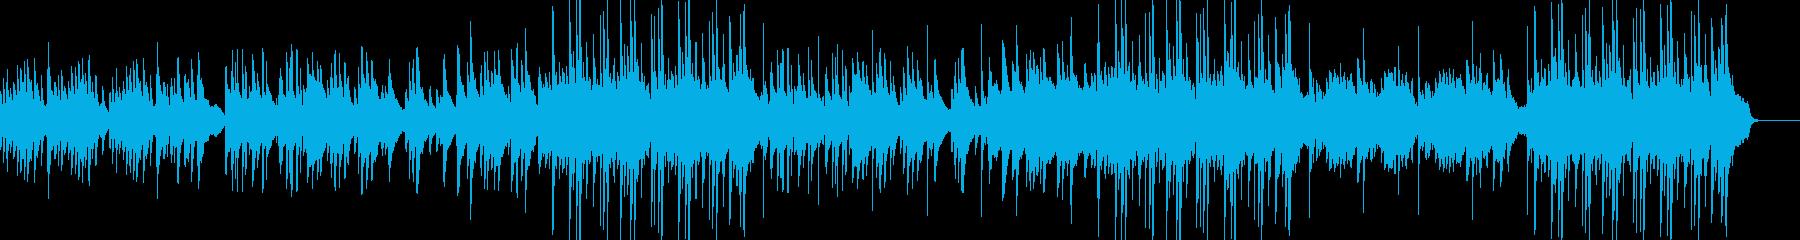 ゆっくり落ち着いたハープの音色が美しい曲の再生済みの波形